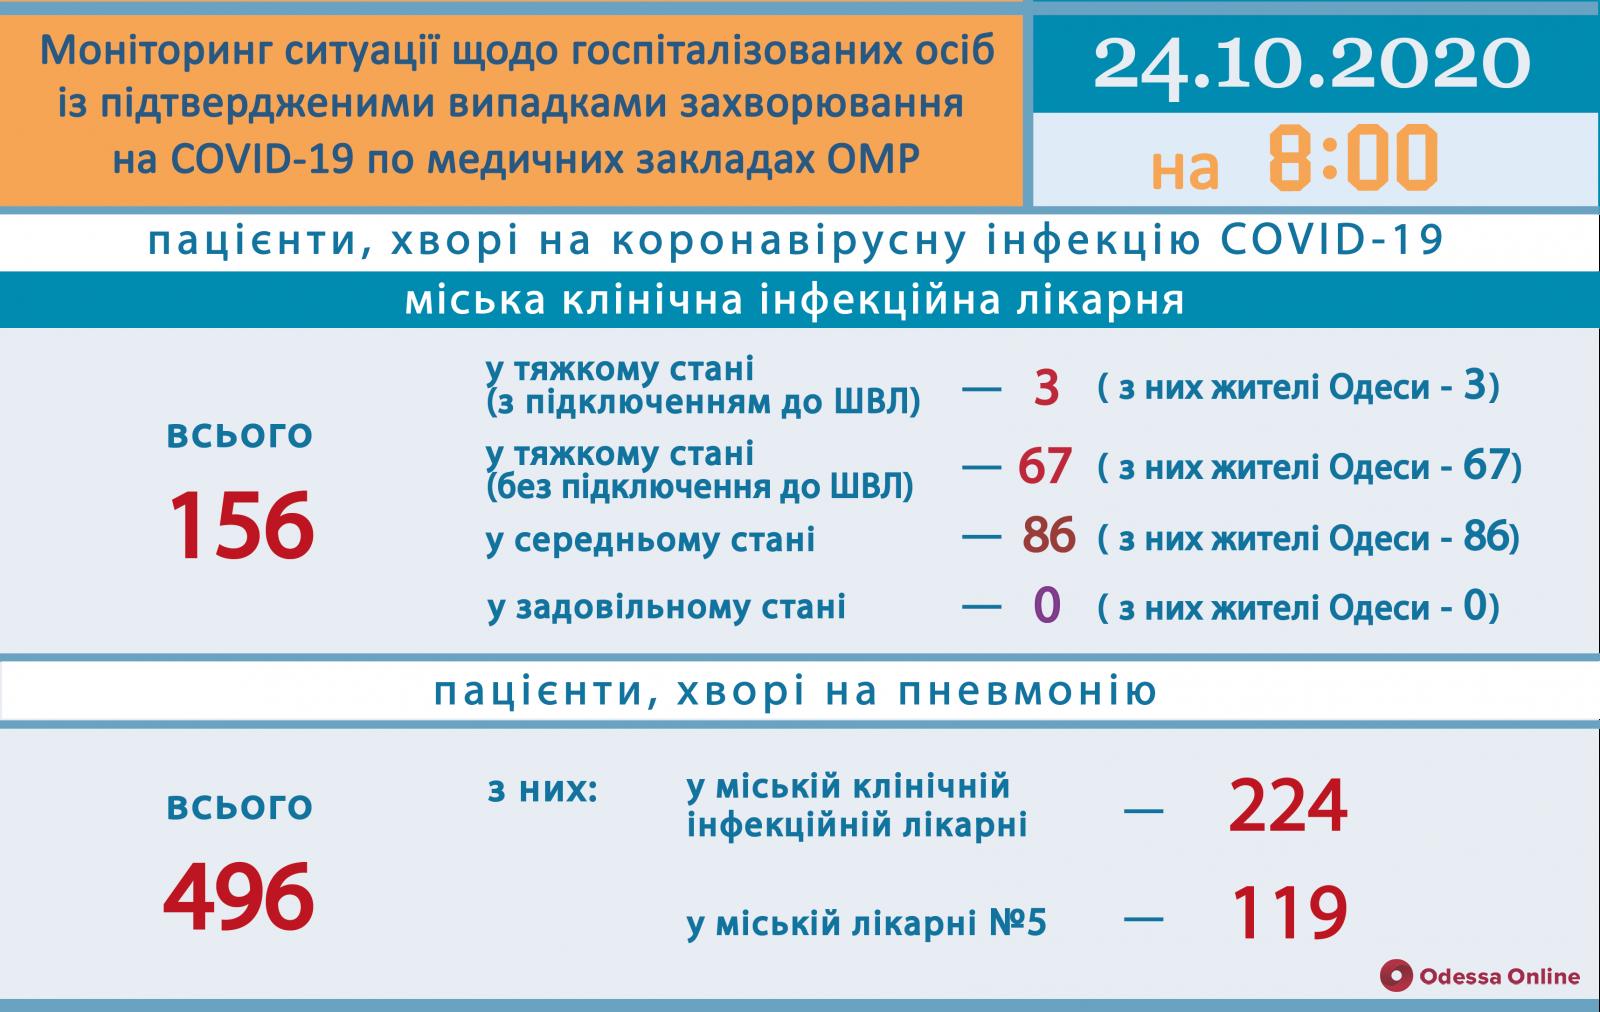 COVID-19: в одесской инфекционной больнице 70 пациентов находятся в тяжелом состоянии